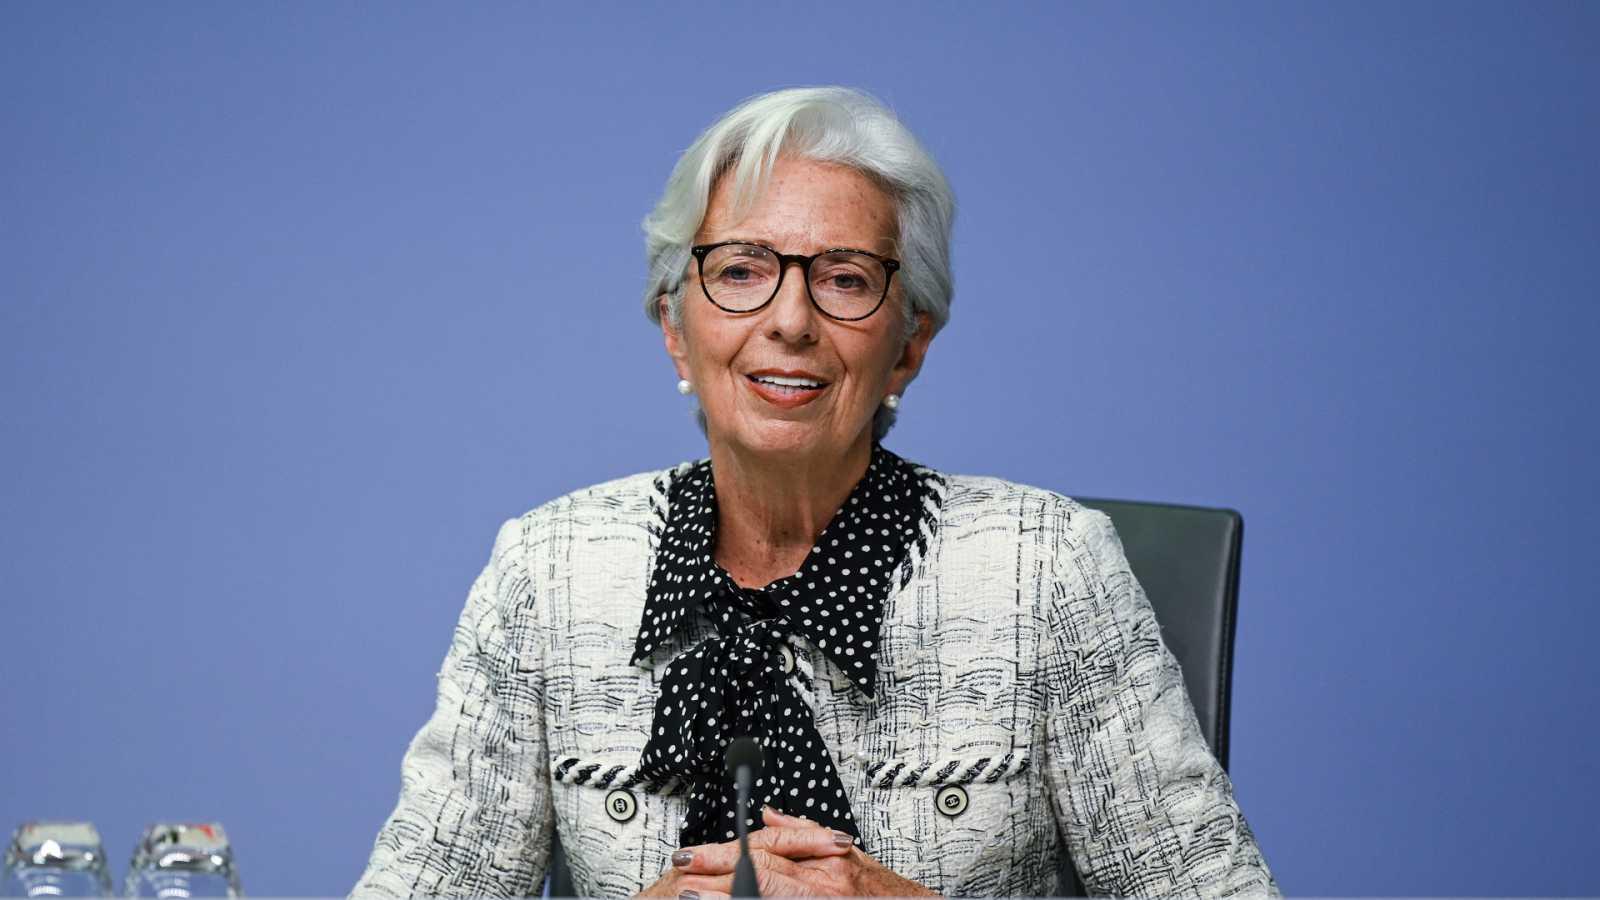 24 horas - El BCE advierte: la recuperación de la economía se ralentiza - Escuchar ahora